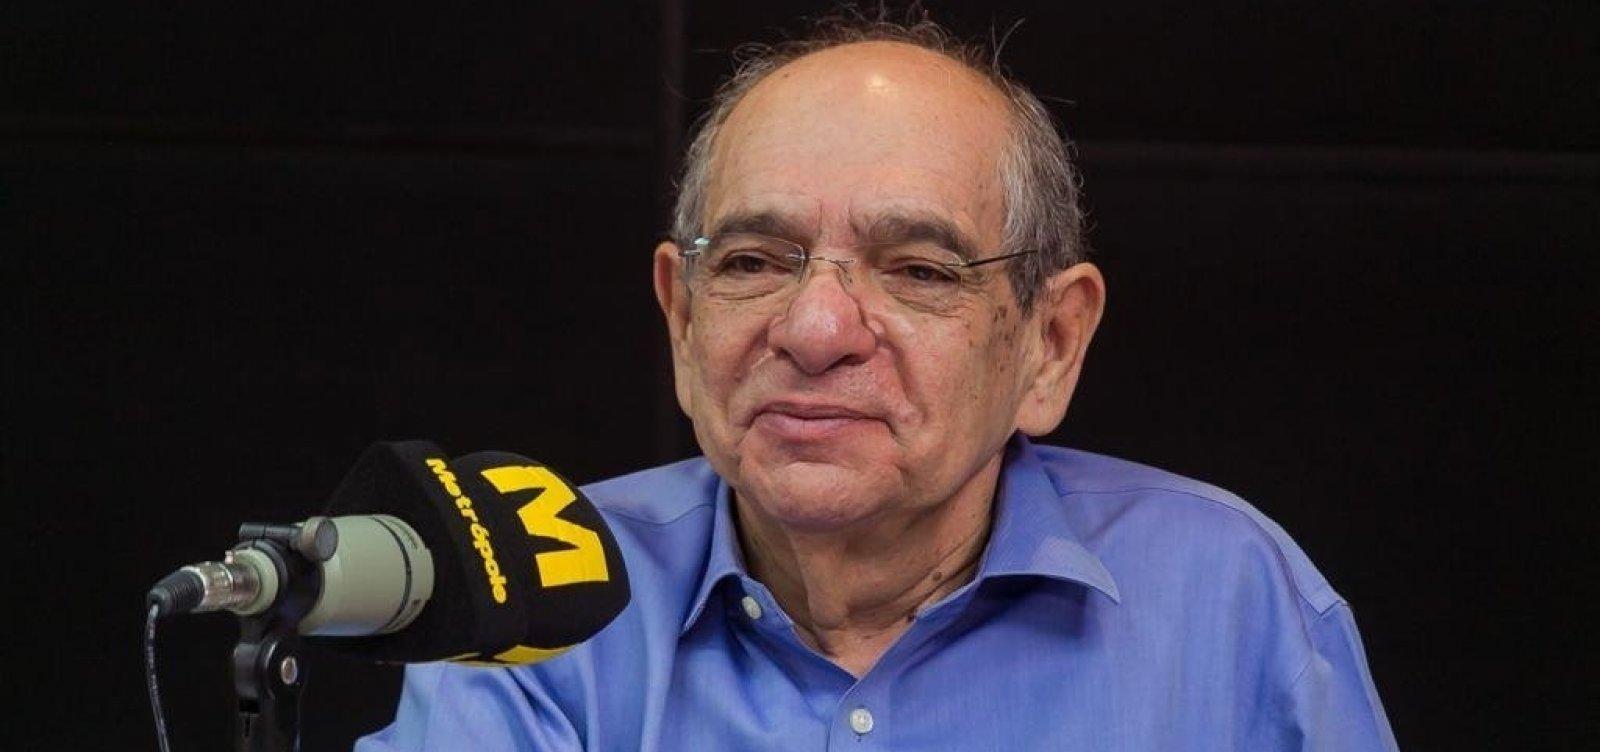 [Economia brasileira pode sofrer com coronavírus na China, diz MK; ouça]